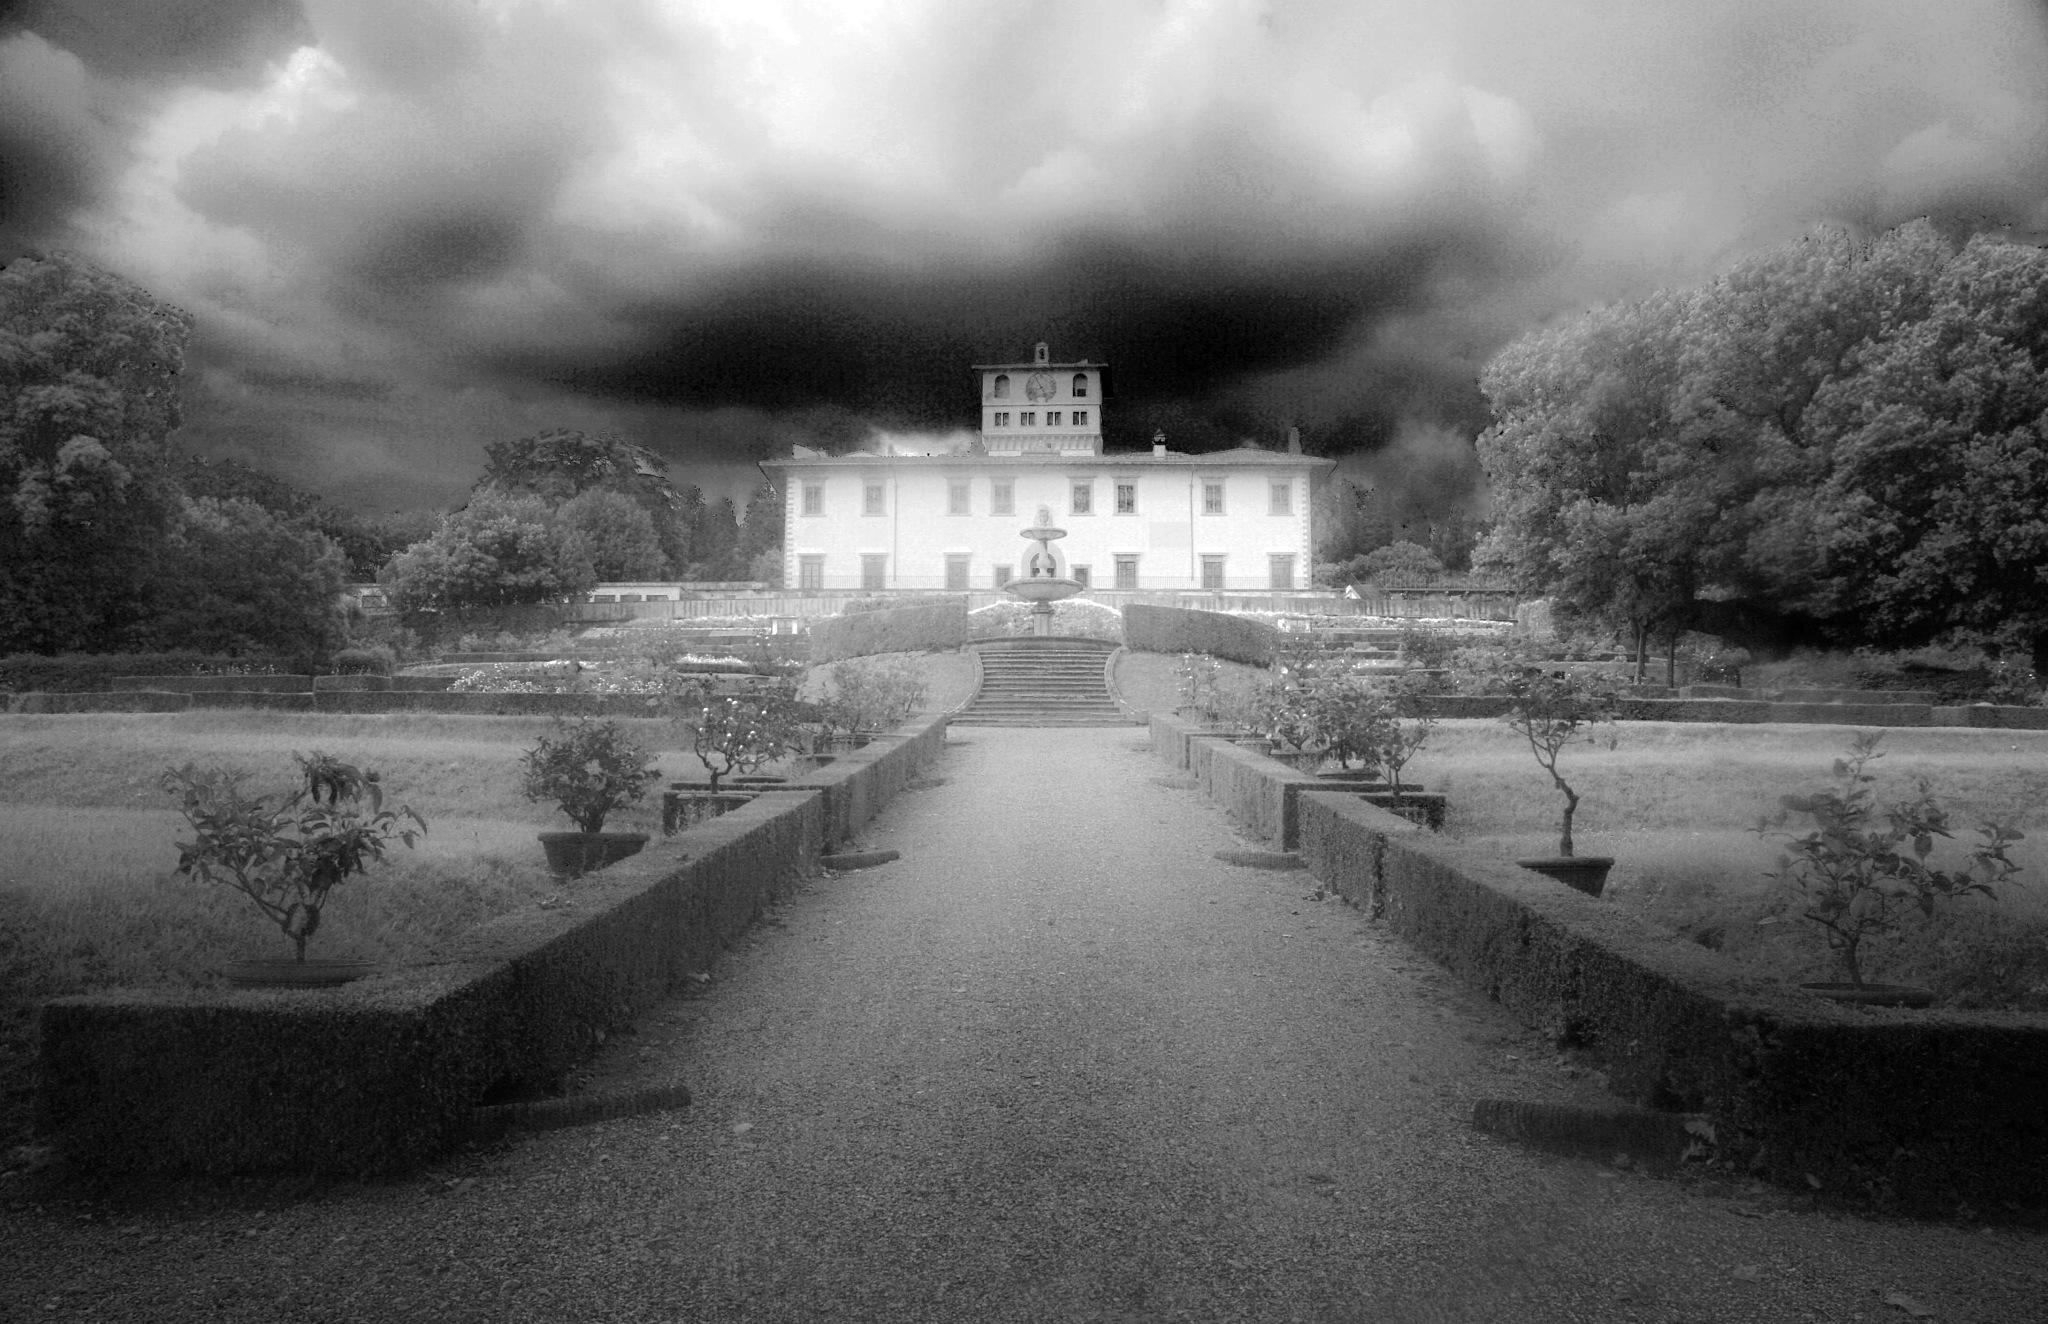 Medici Villa la Petraia by Gianni Meini